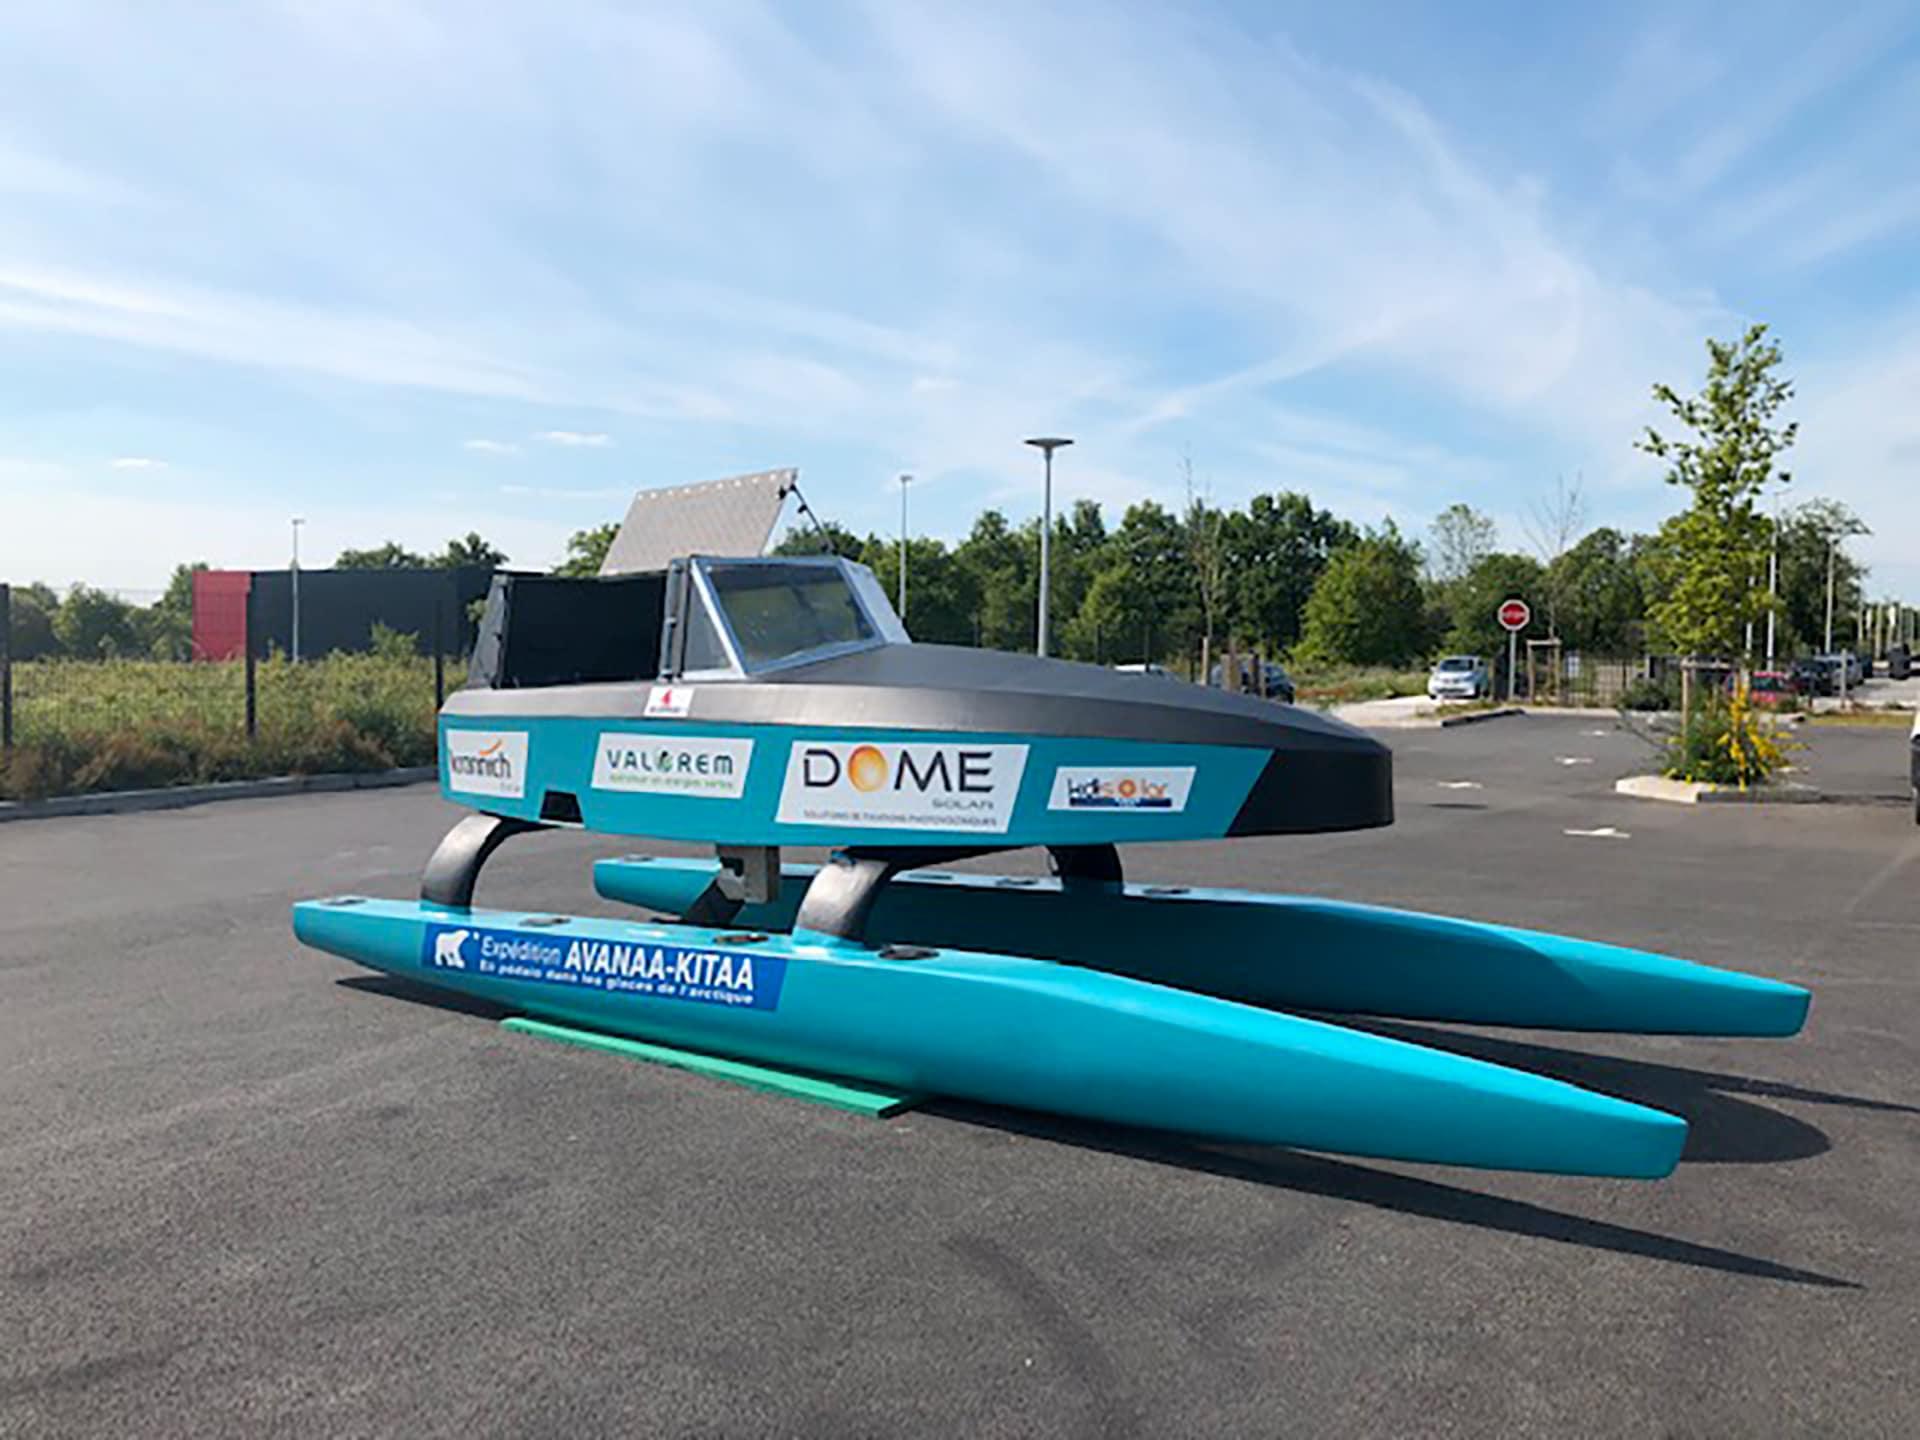 Les tests sur le lac Léman sont confirmés : Nanuuk et son équipage vont naviguer 5 jours en conditions réelles